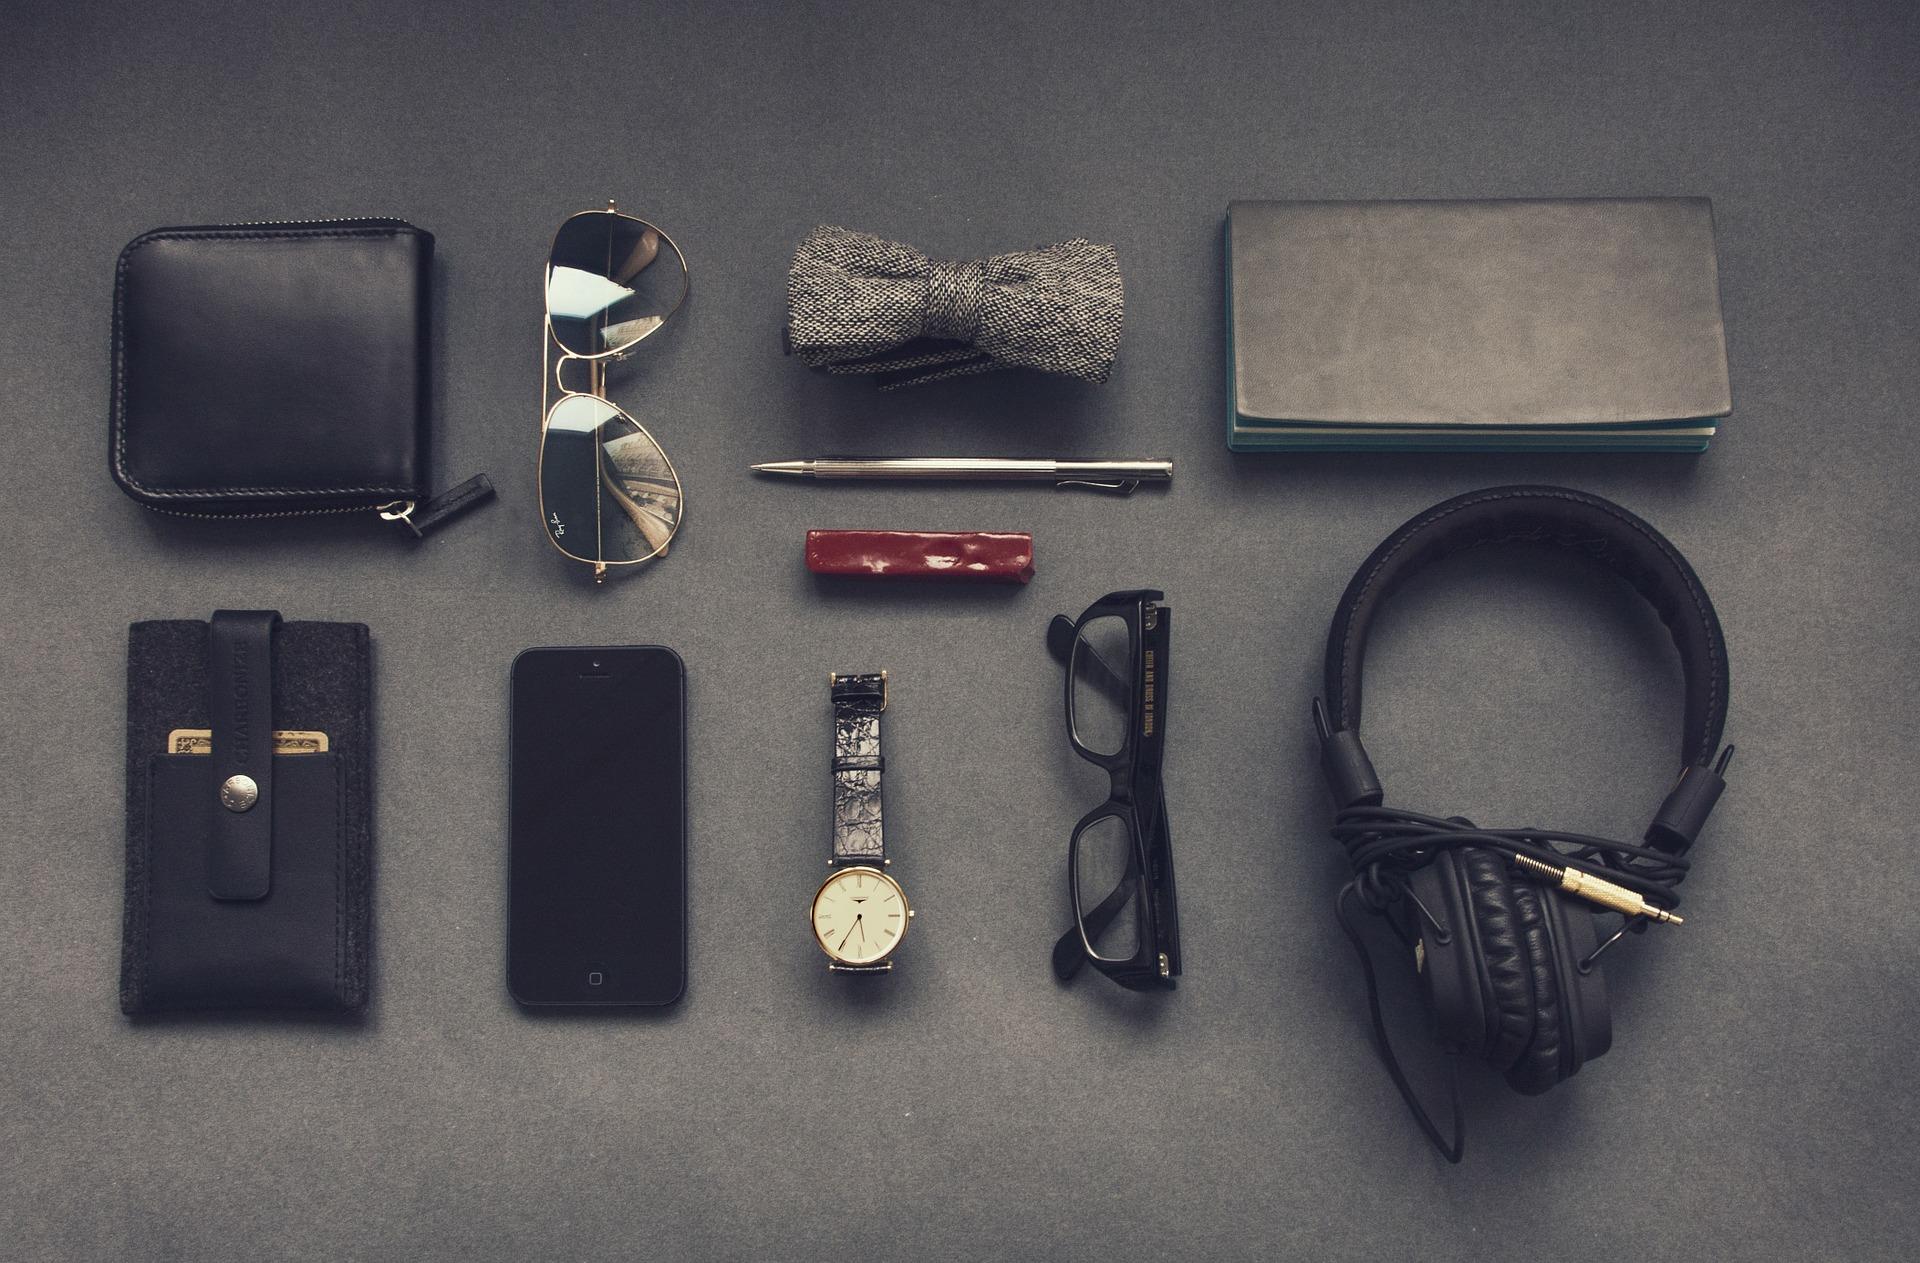 gadgets-336635_1920